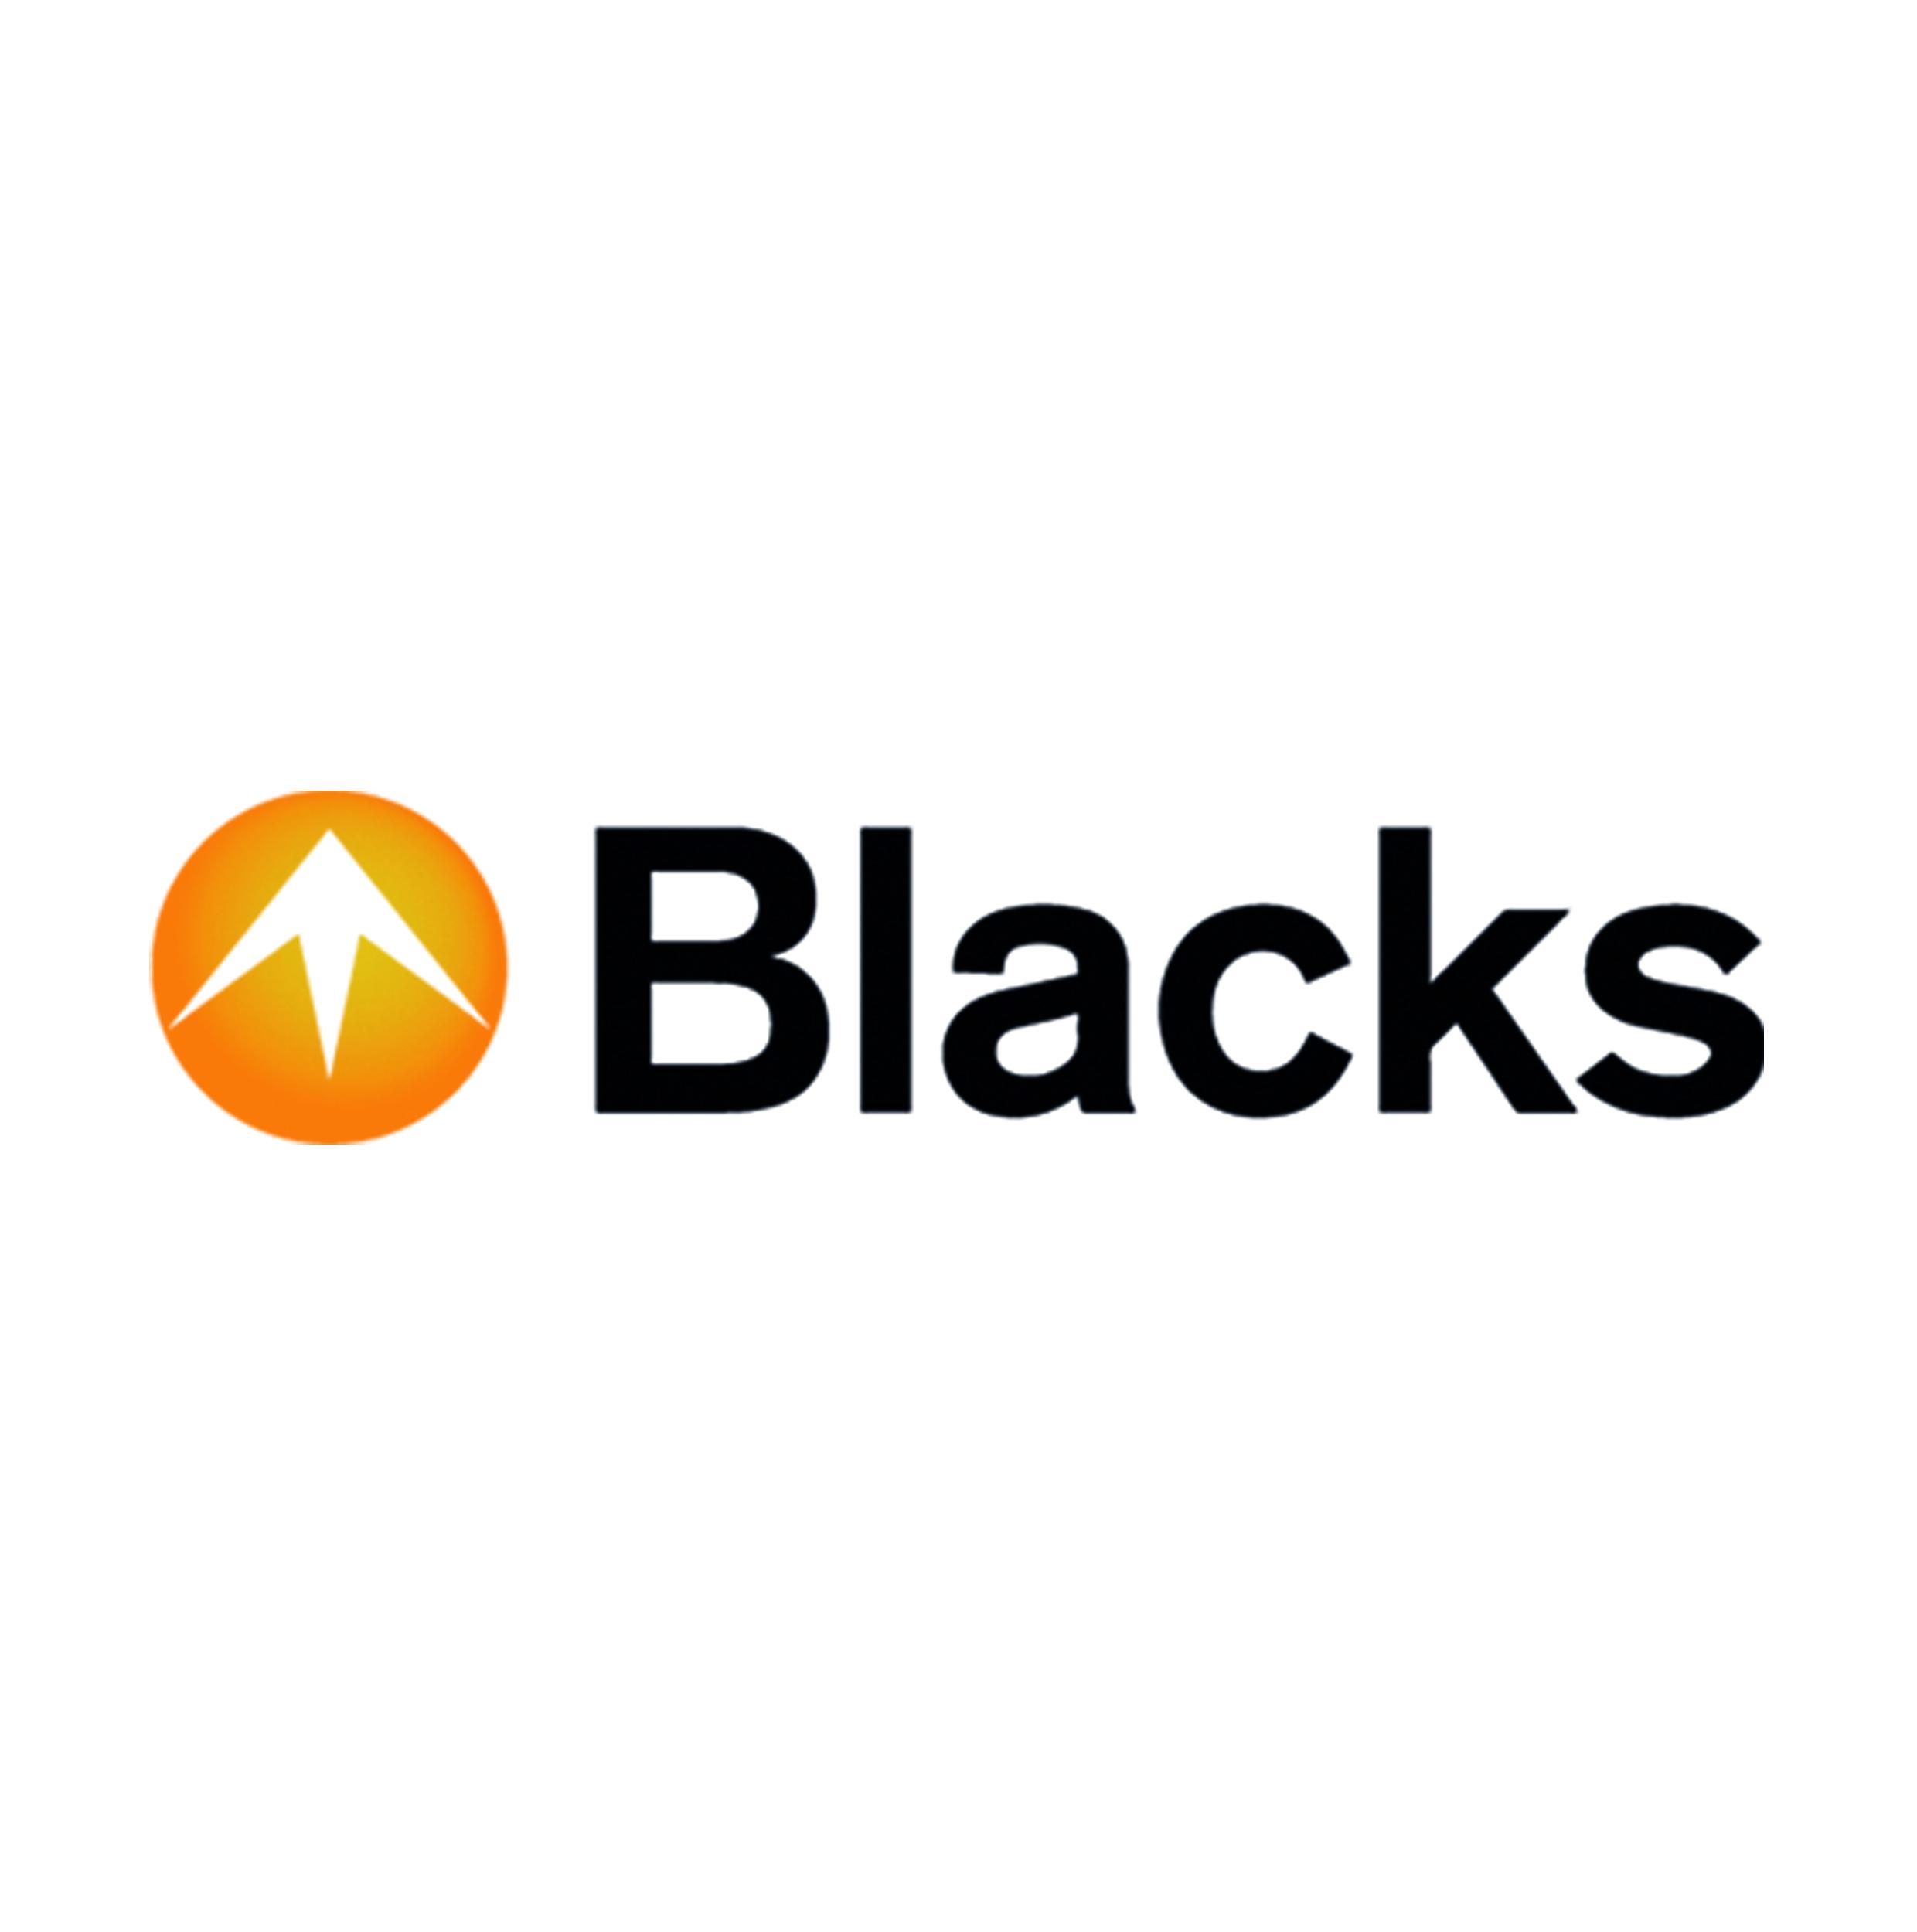 Blacks resized.jpg